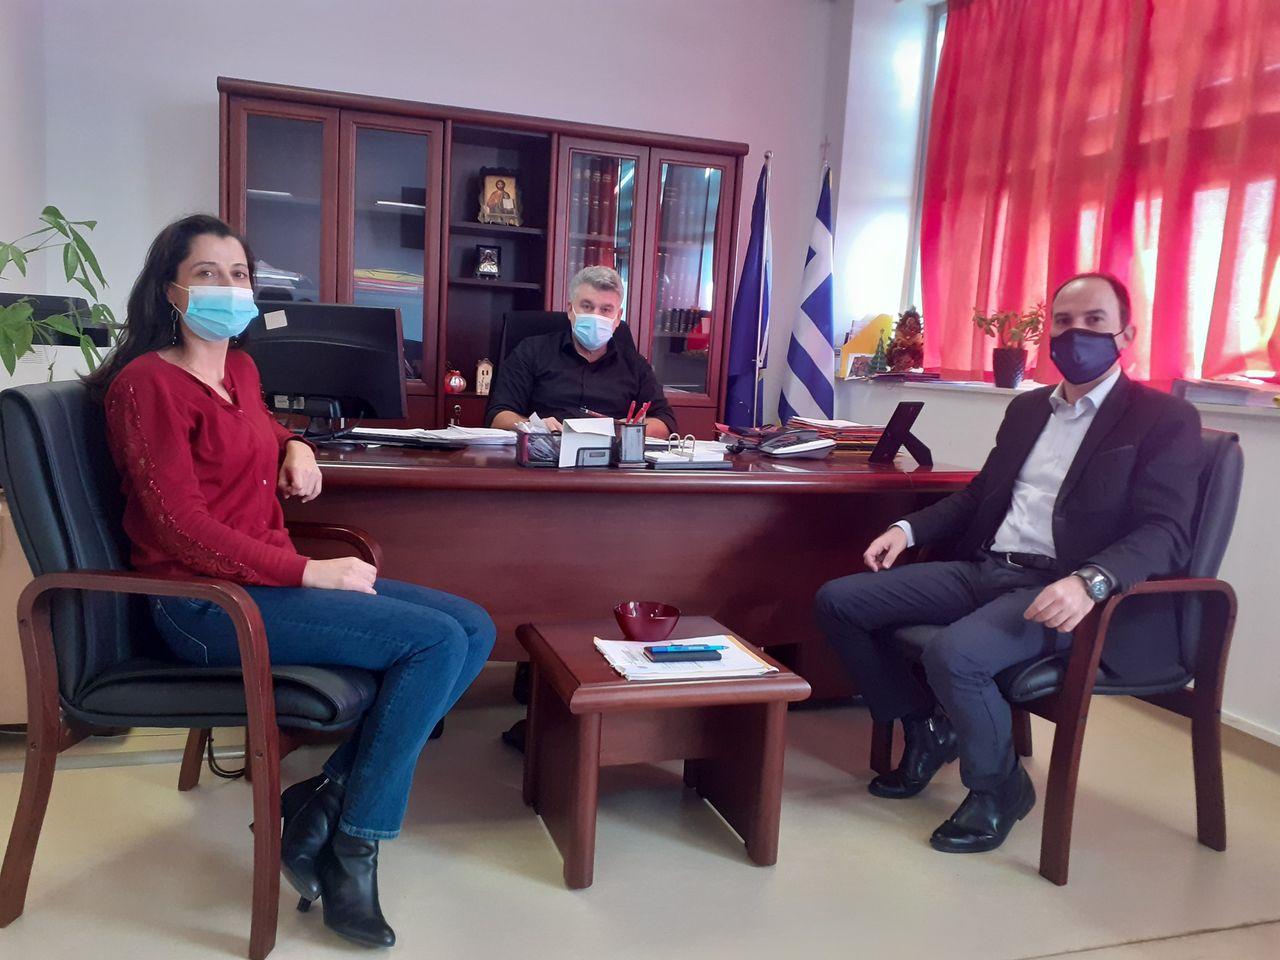 Στο Νοσοκομείο Αγρινίου ο Αντιπεριφερειάρχης Λ.Δημητρογιάννης για τη διαχείριση των αποβλήτων